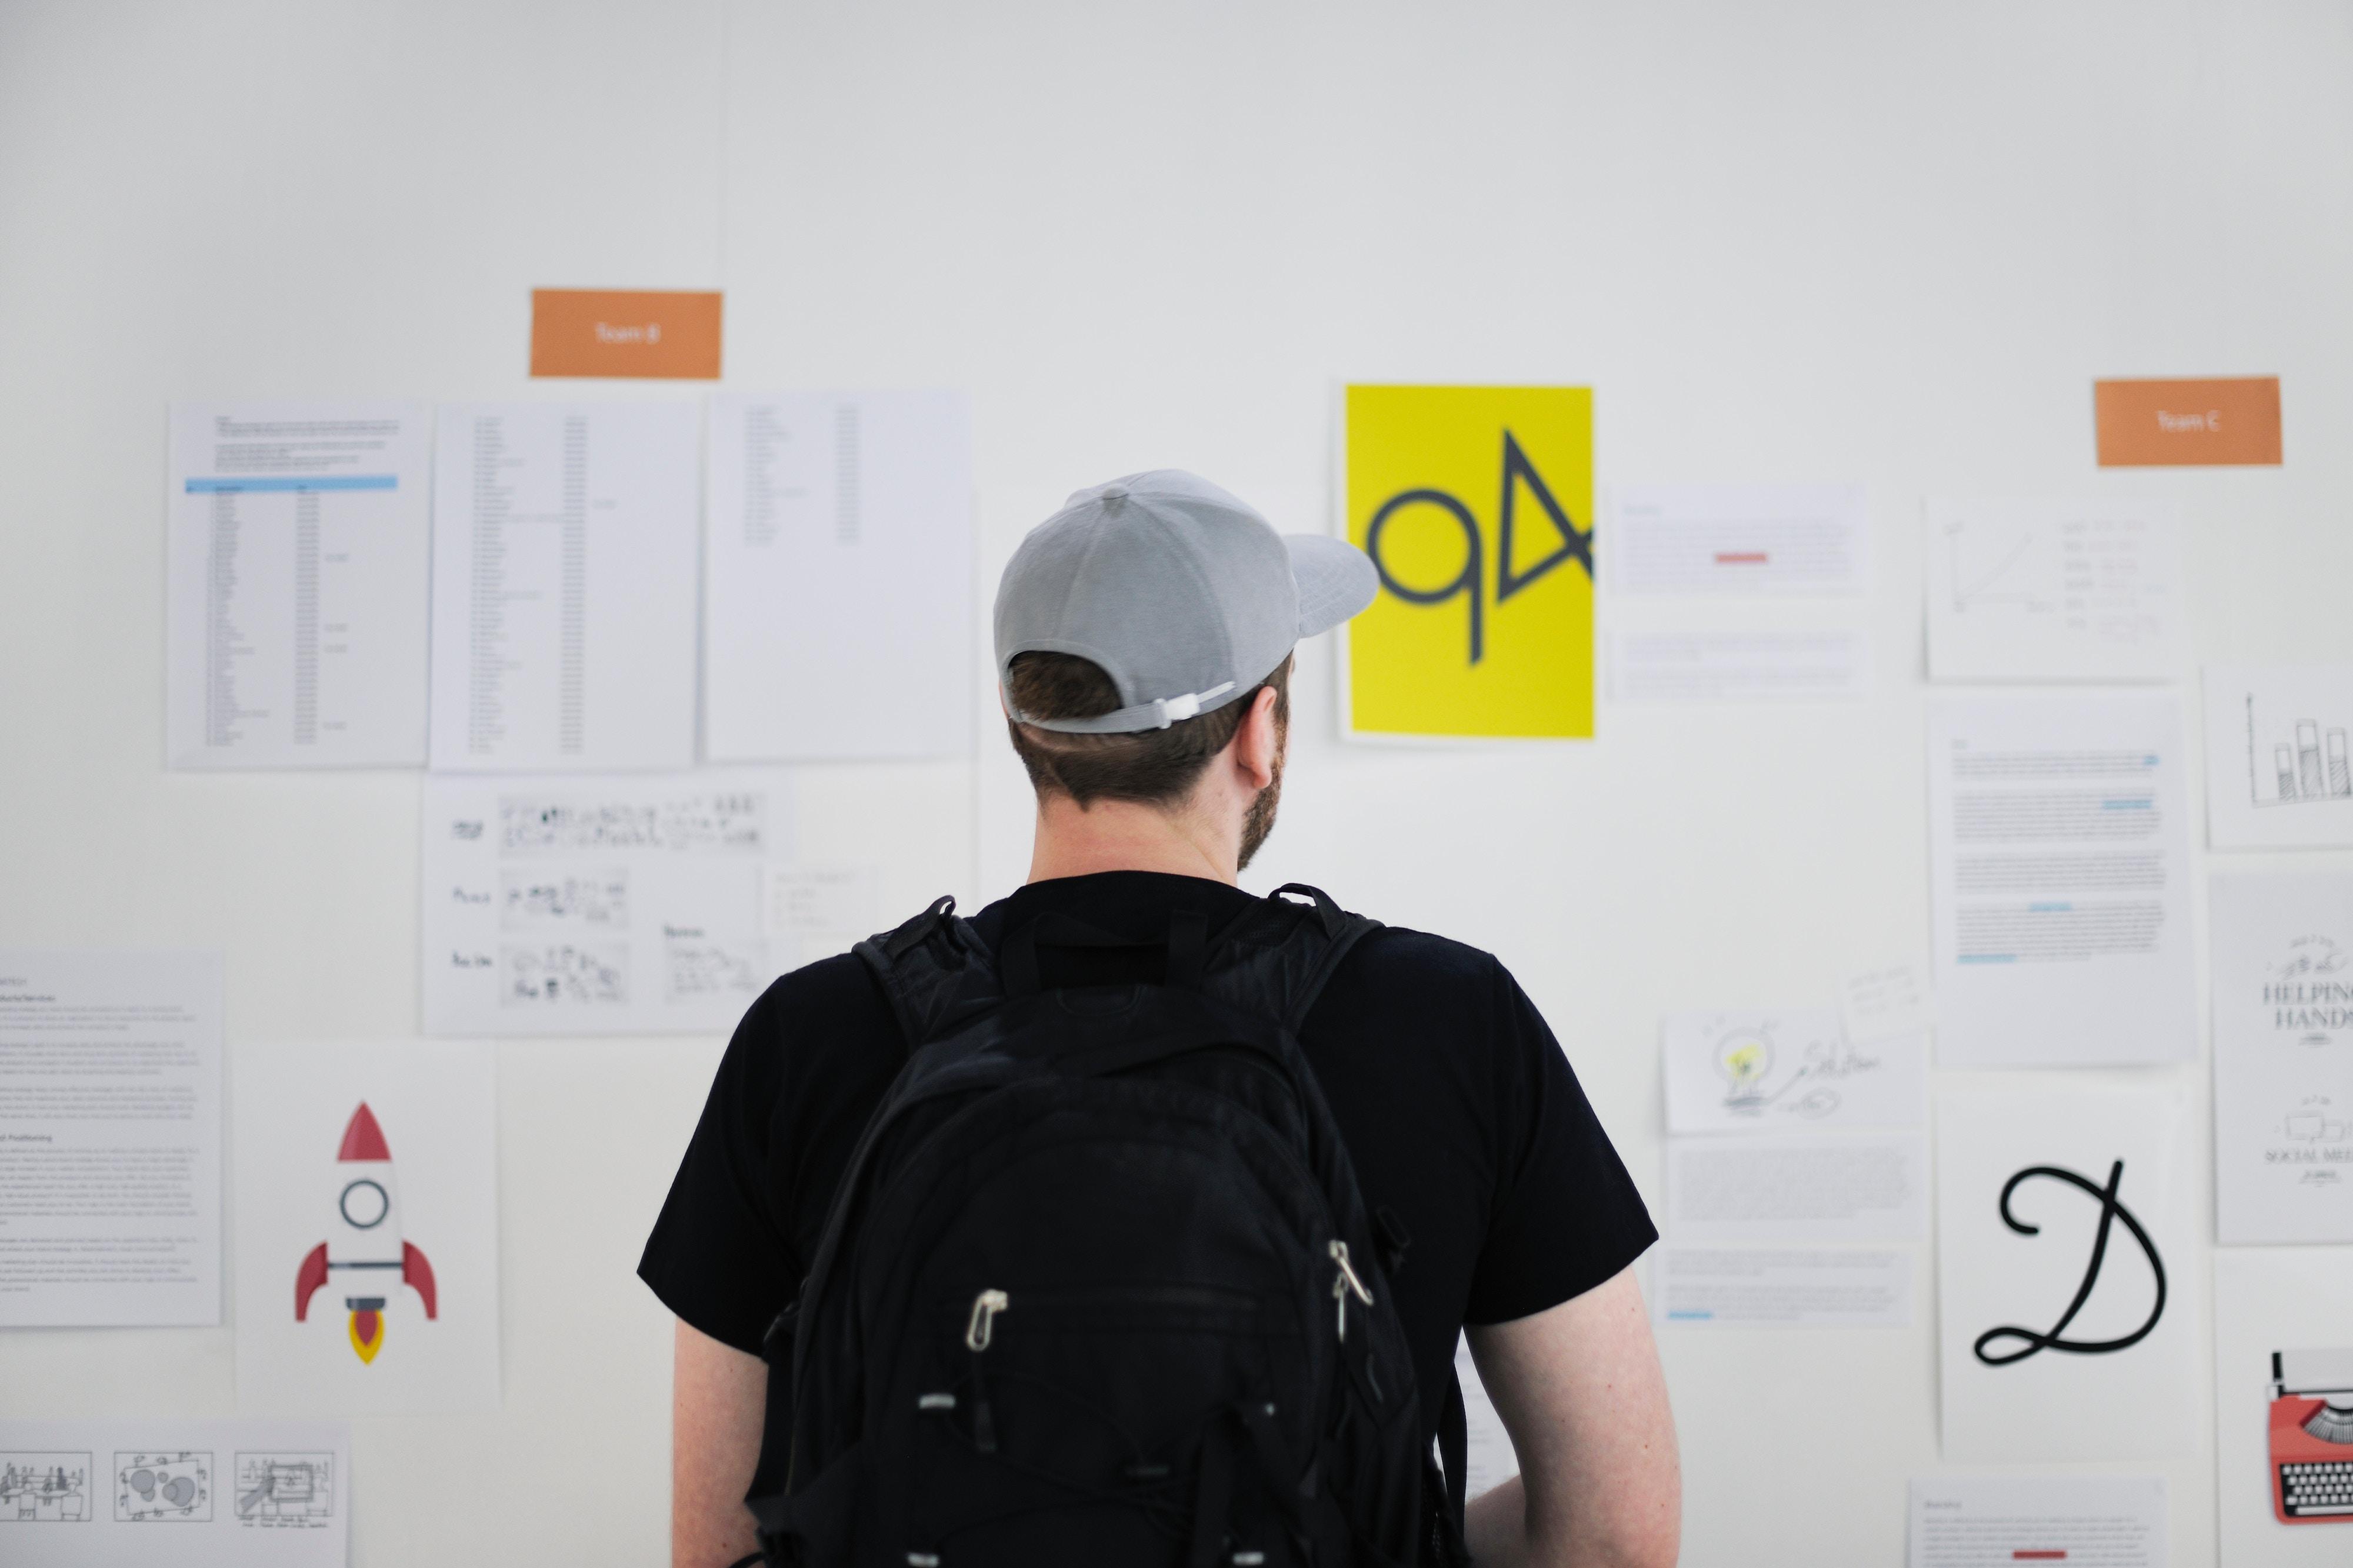 Ödevler ve Projeler